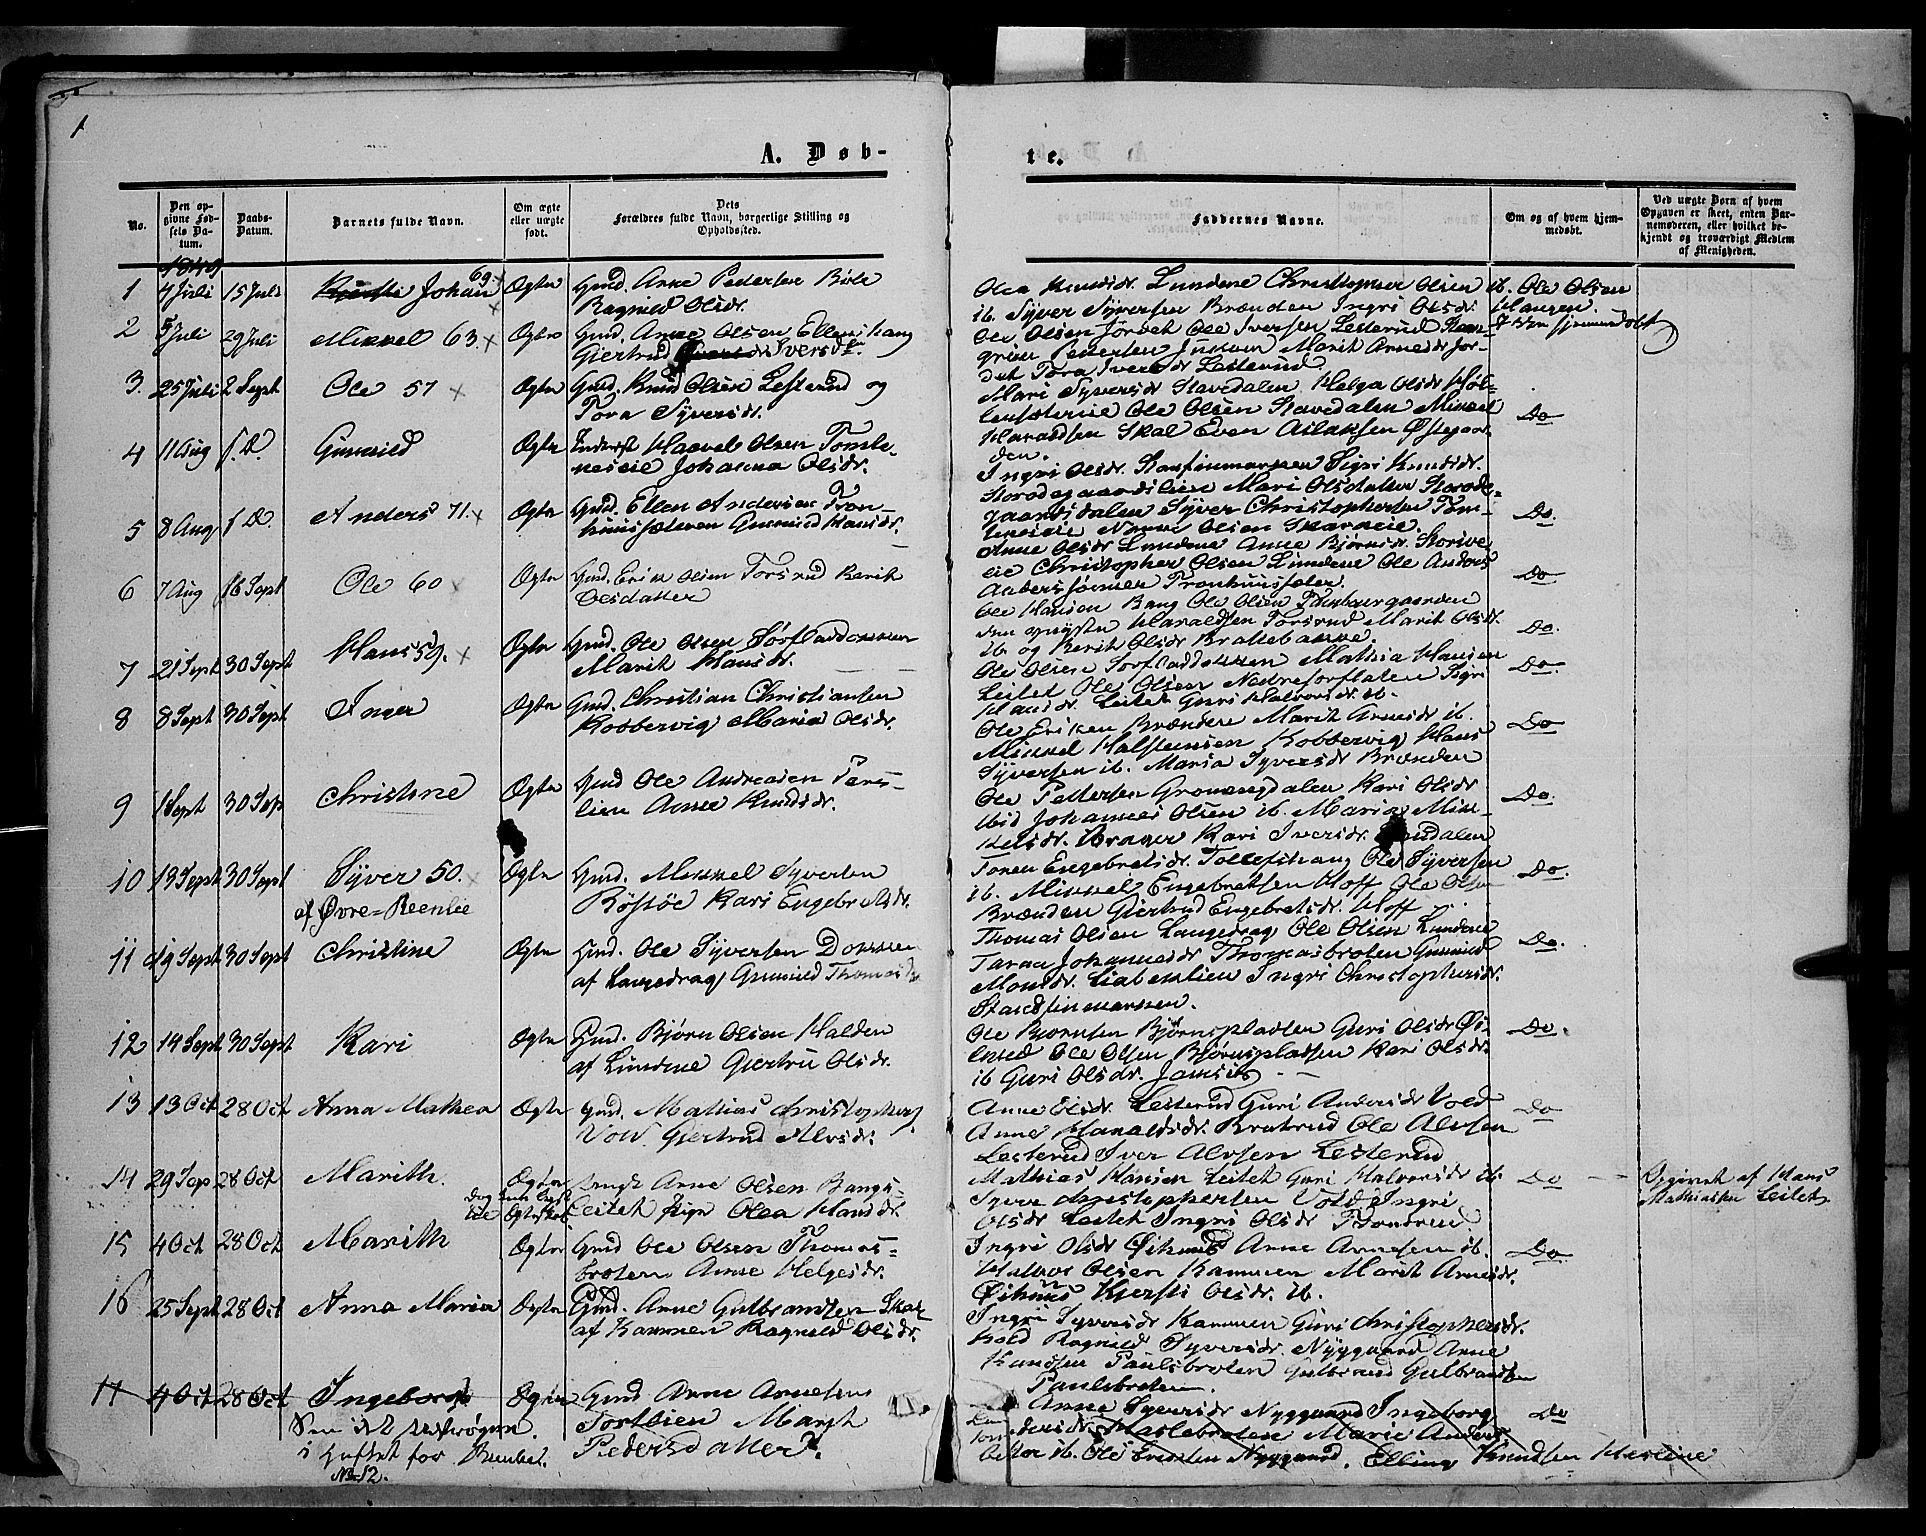 SAH, Sør-Aurdal prestekontor, Ministerialbok nr. 5, 1849-1876, s. 1